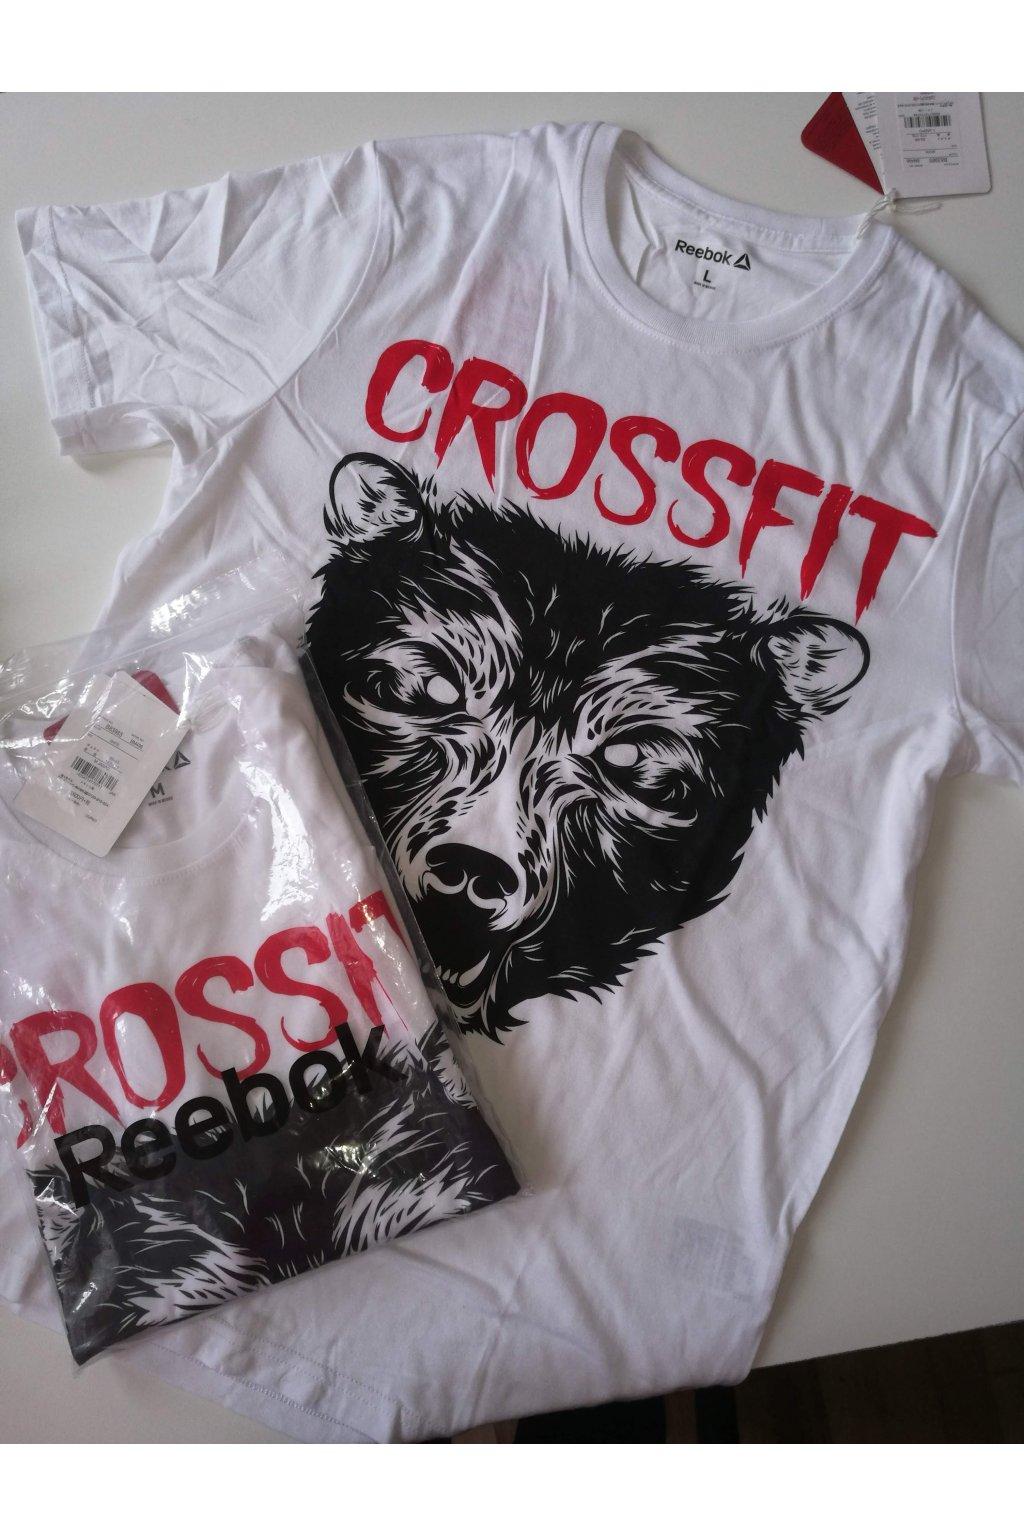 55f594f25f23a REEBOK CROSSFIT pánske tričko, B83985 - Fresh sport